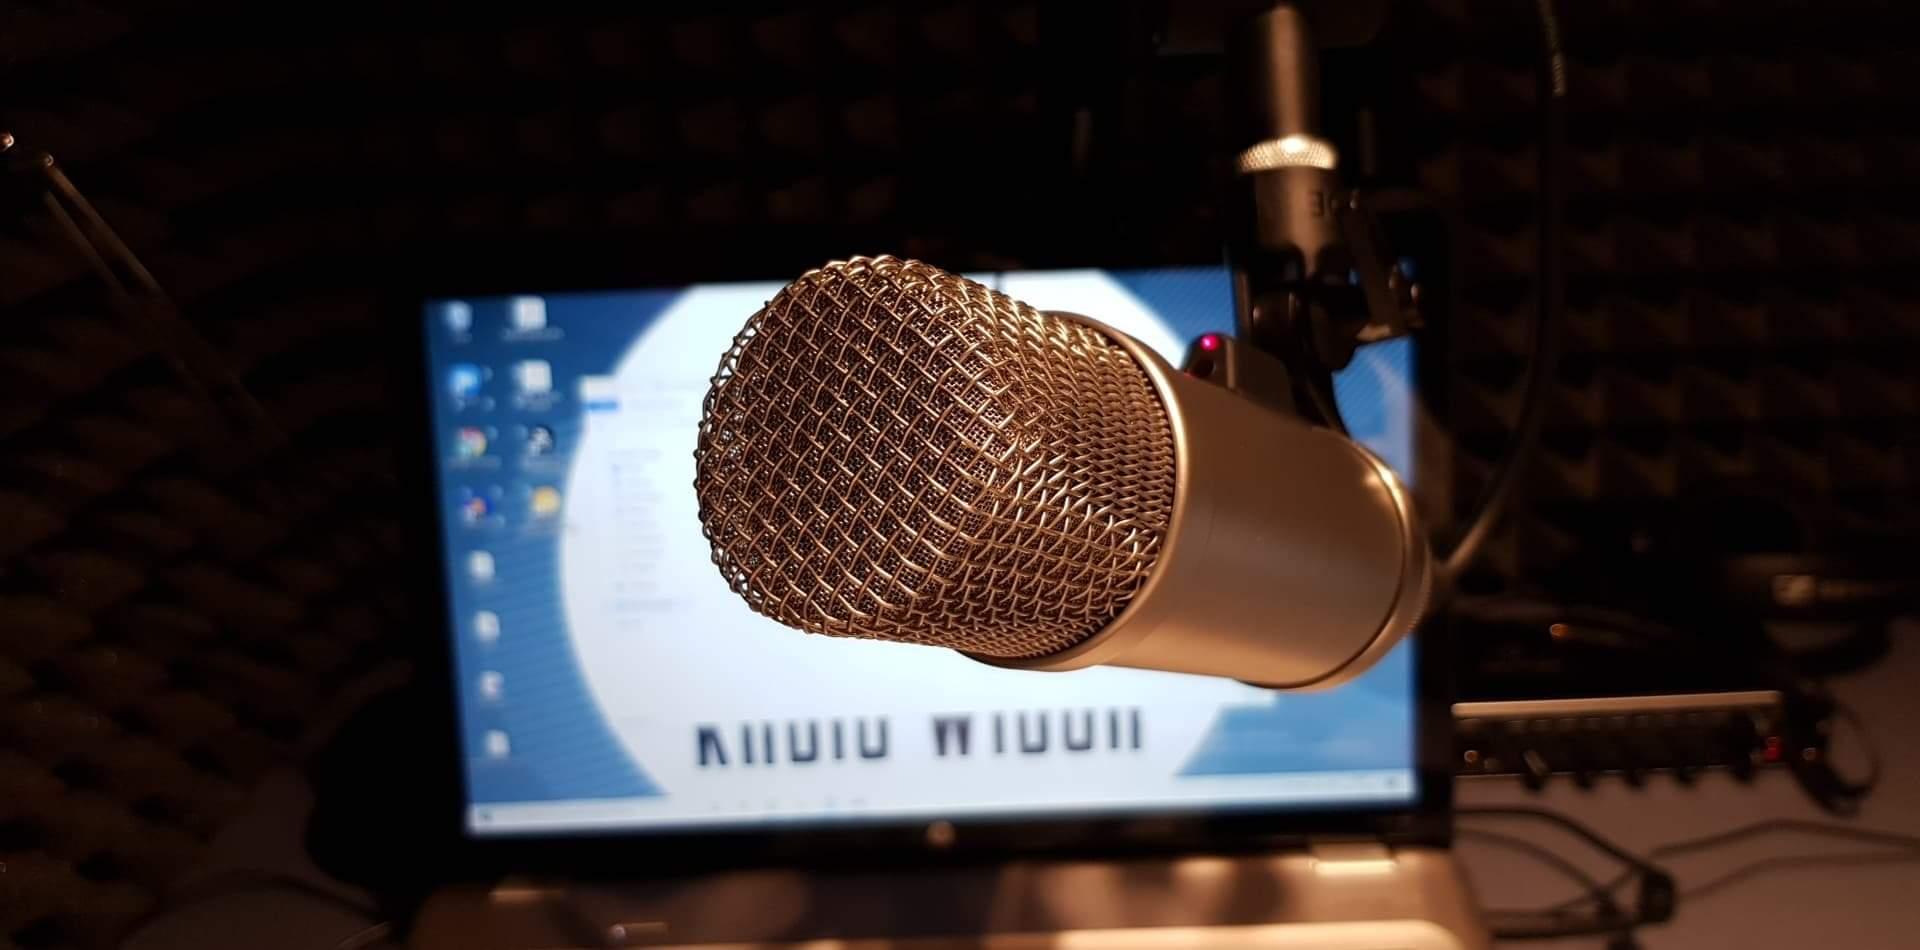 Rusza młodzieżowe Radio Widok